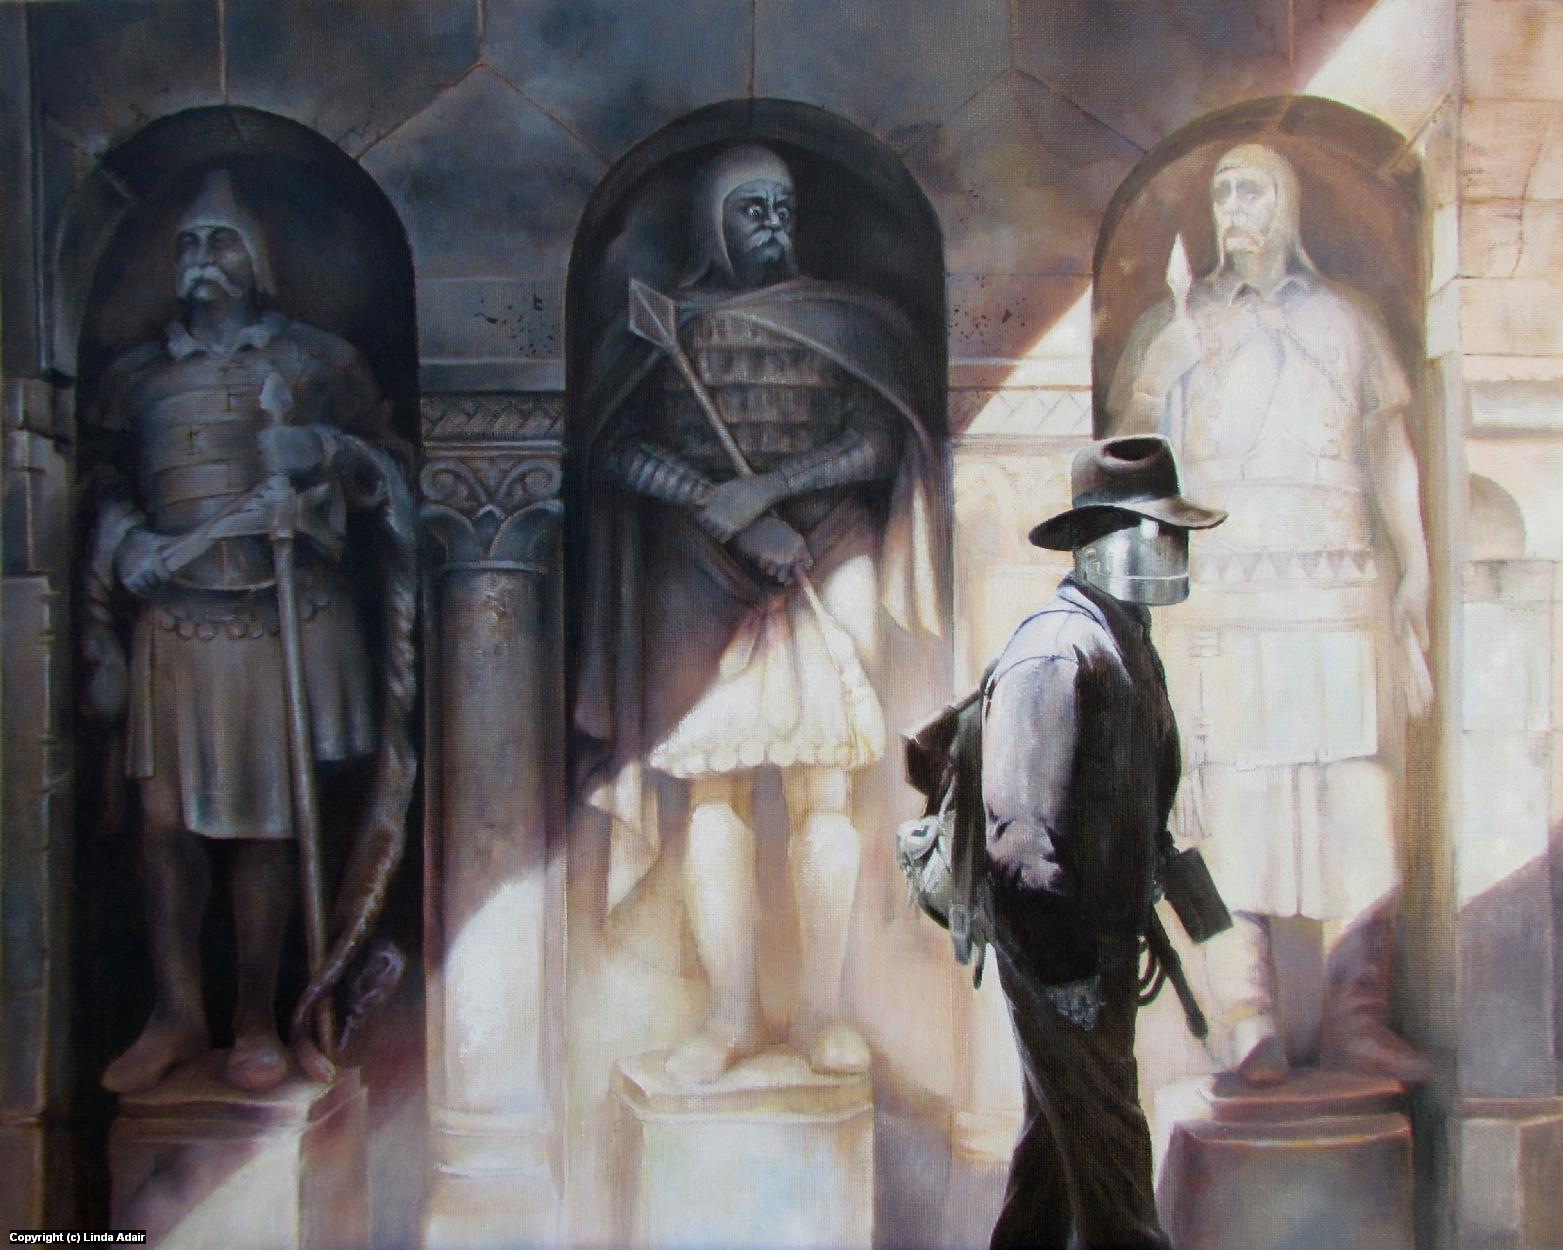 The Walls Have Eyes Artwork by Linda Adair